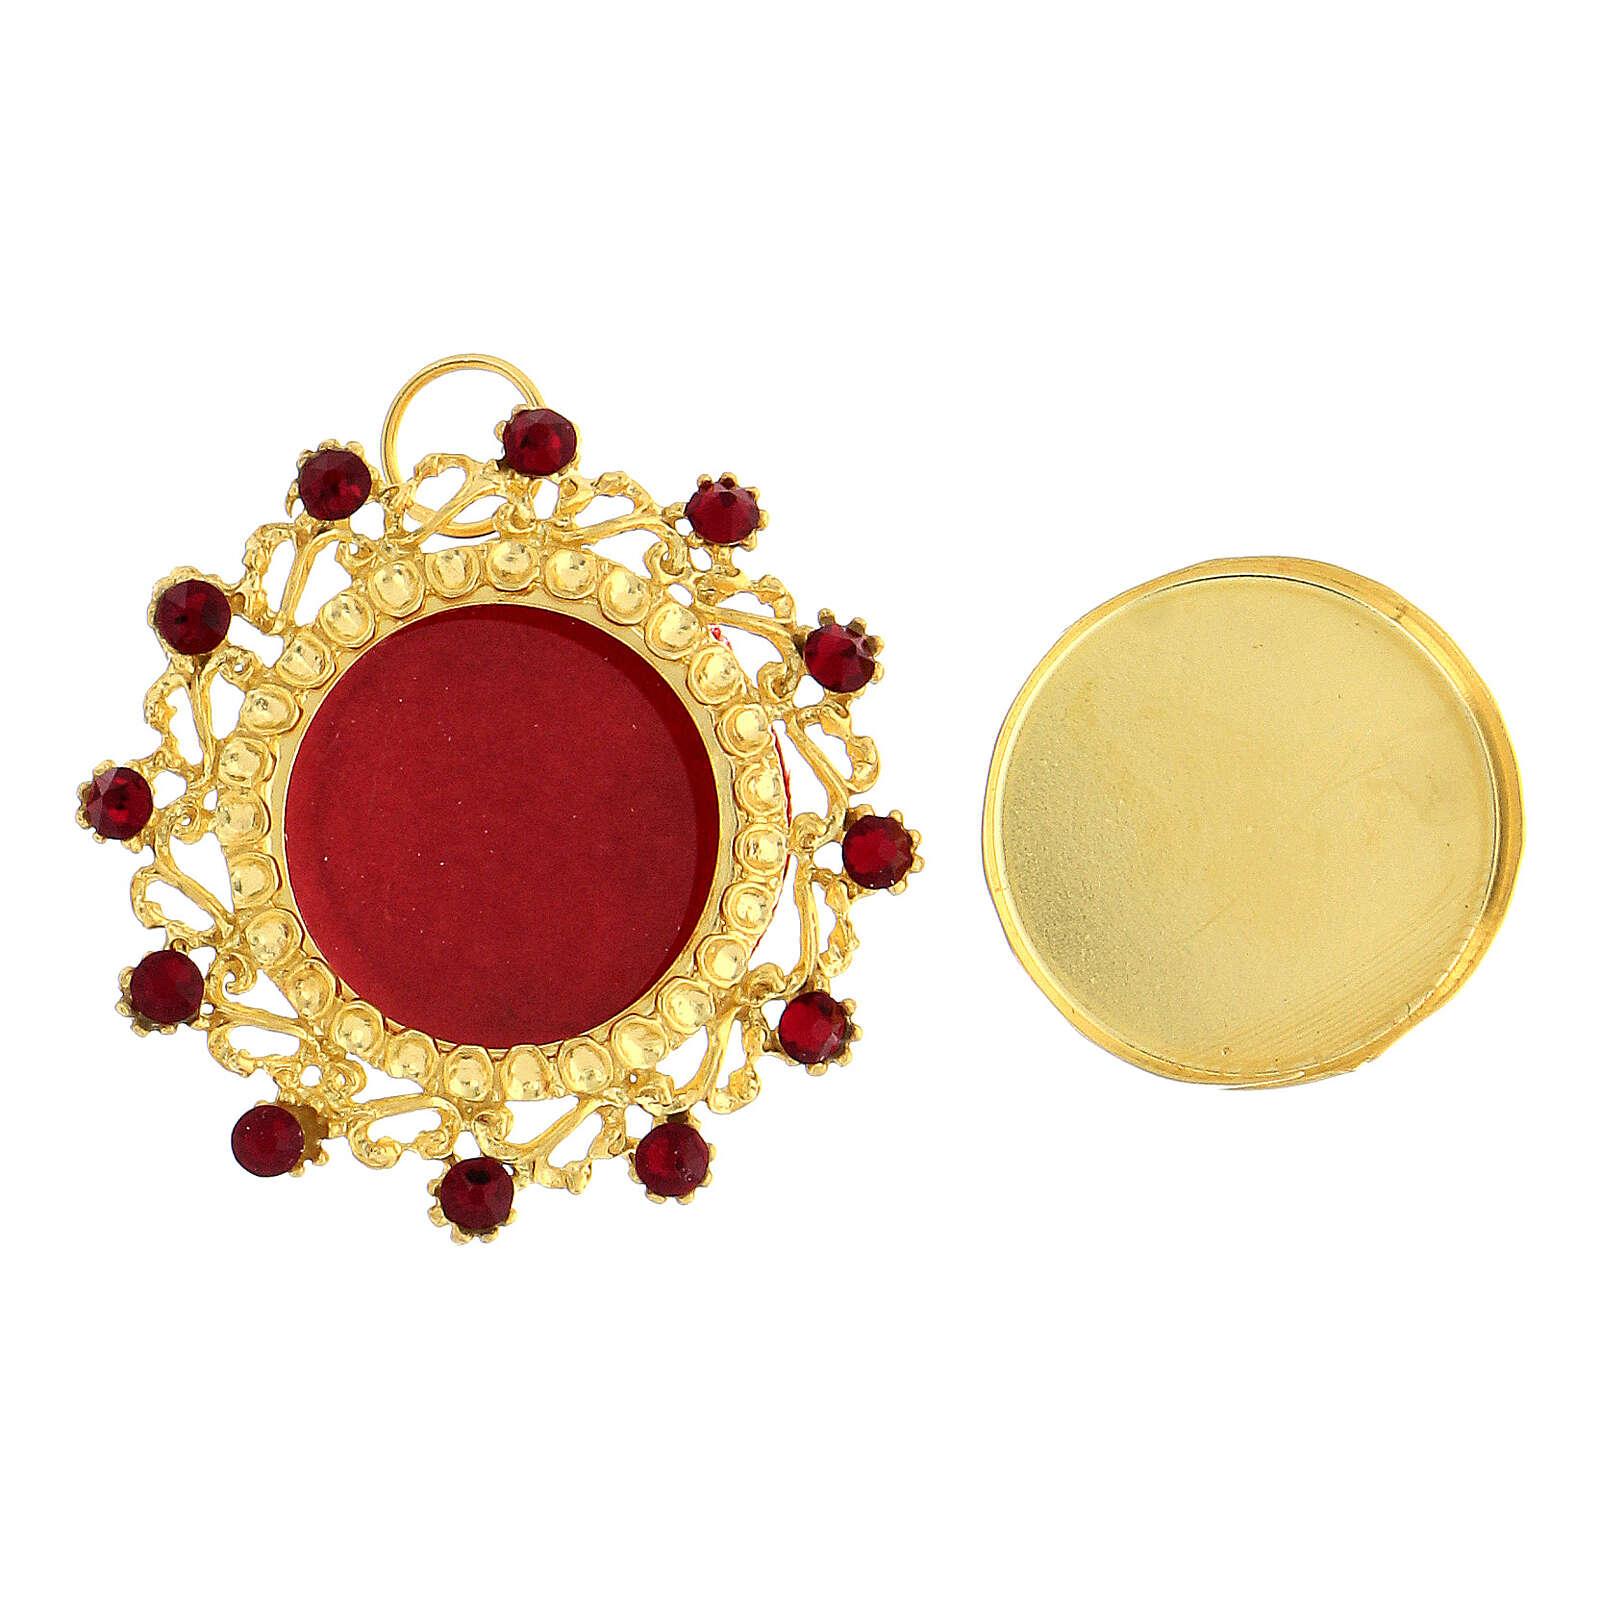 Teca argento 800 dorato cristalli rossi rotonda 3,5 cm 4